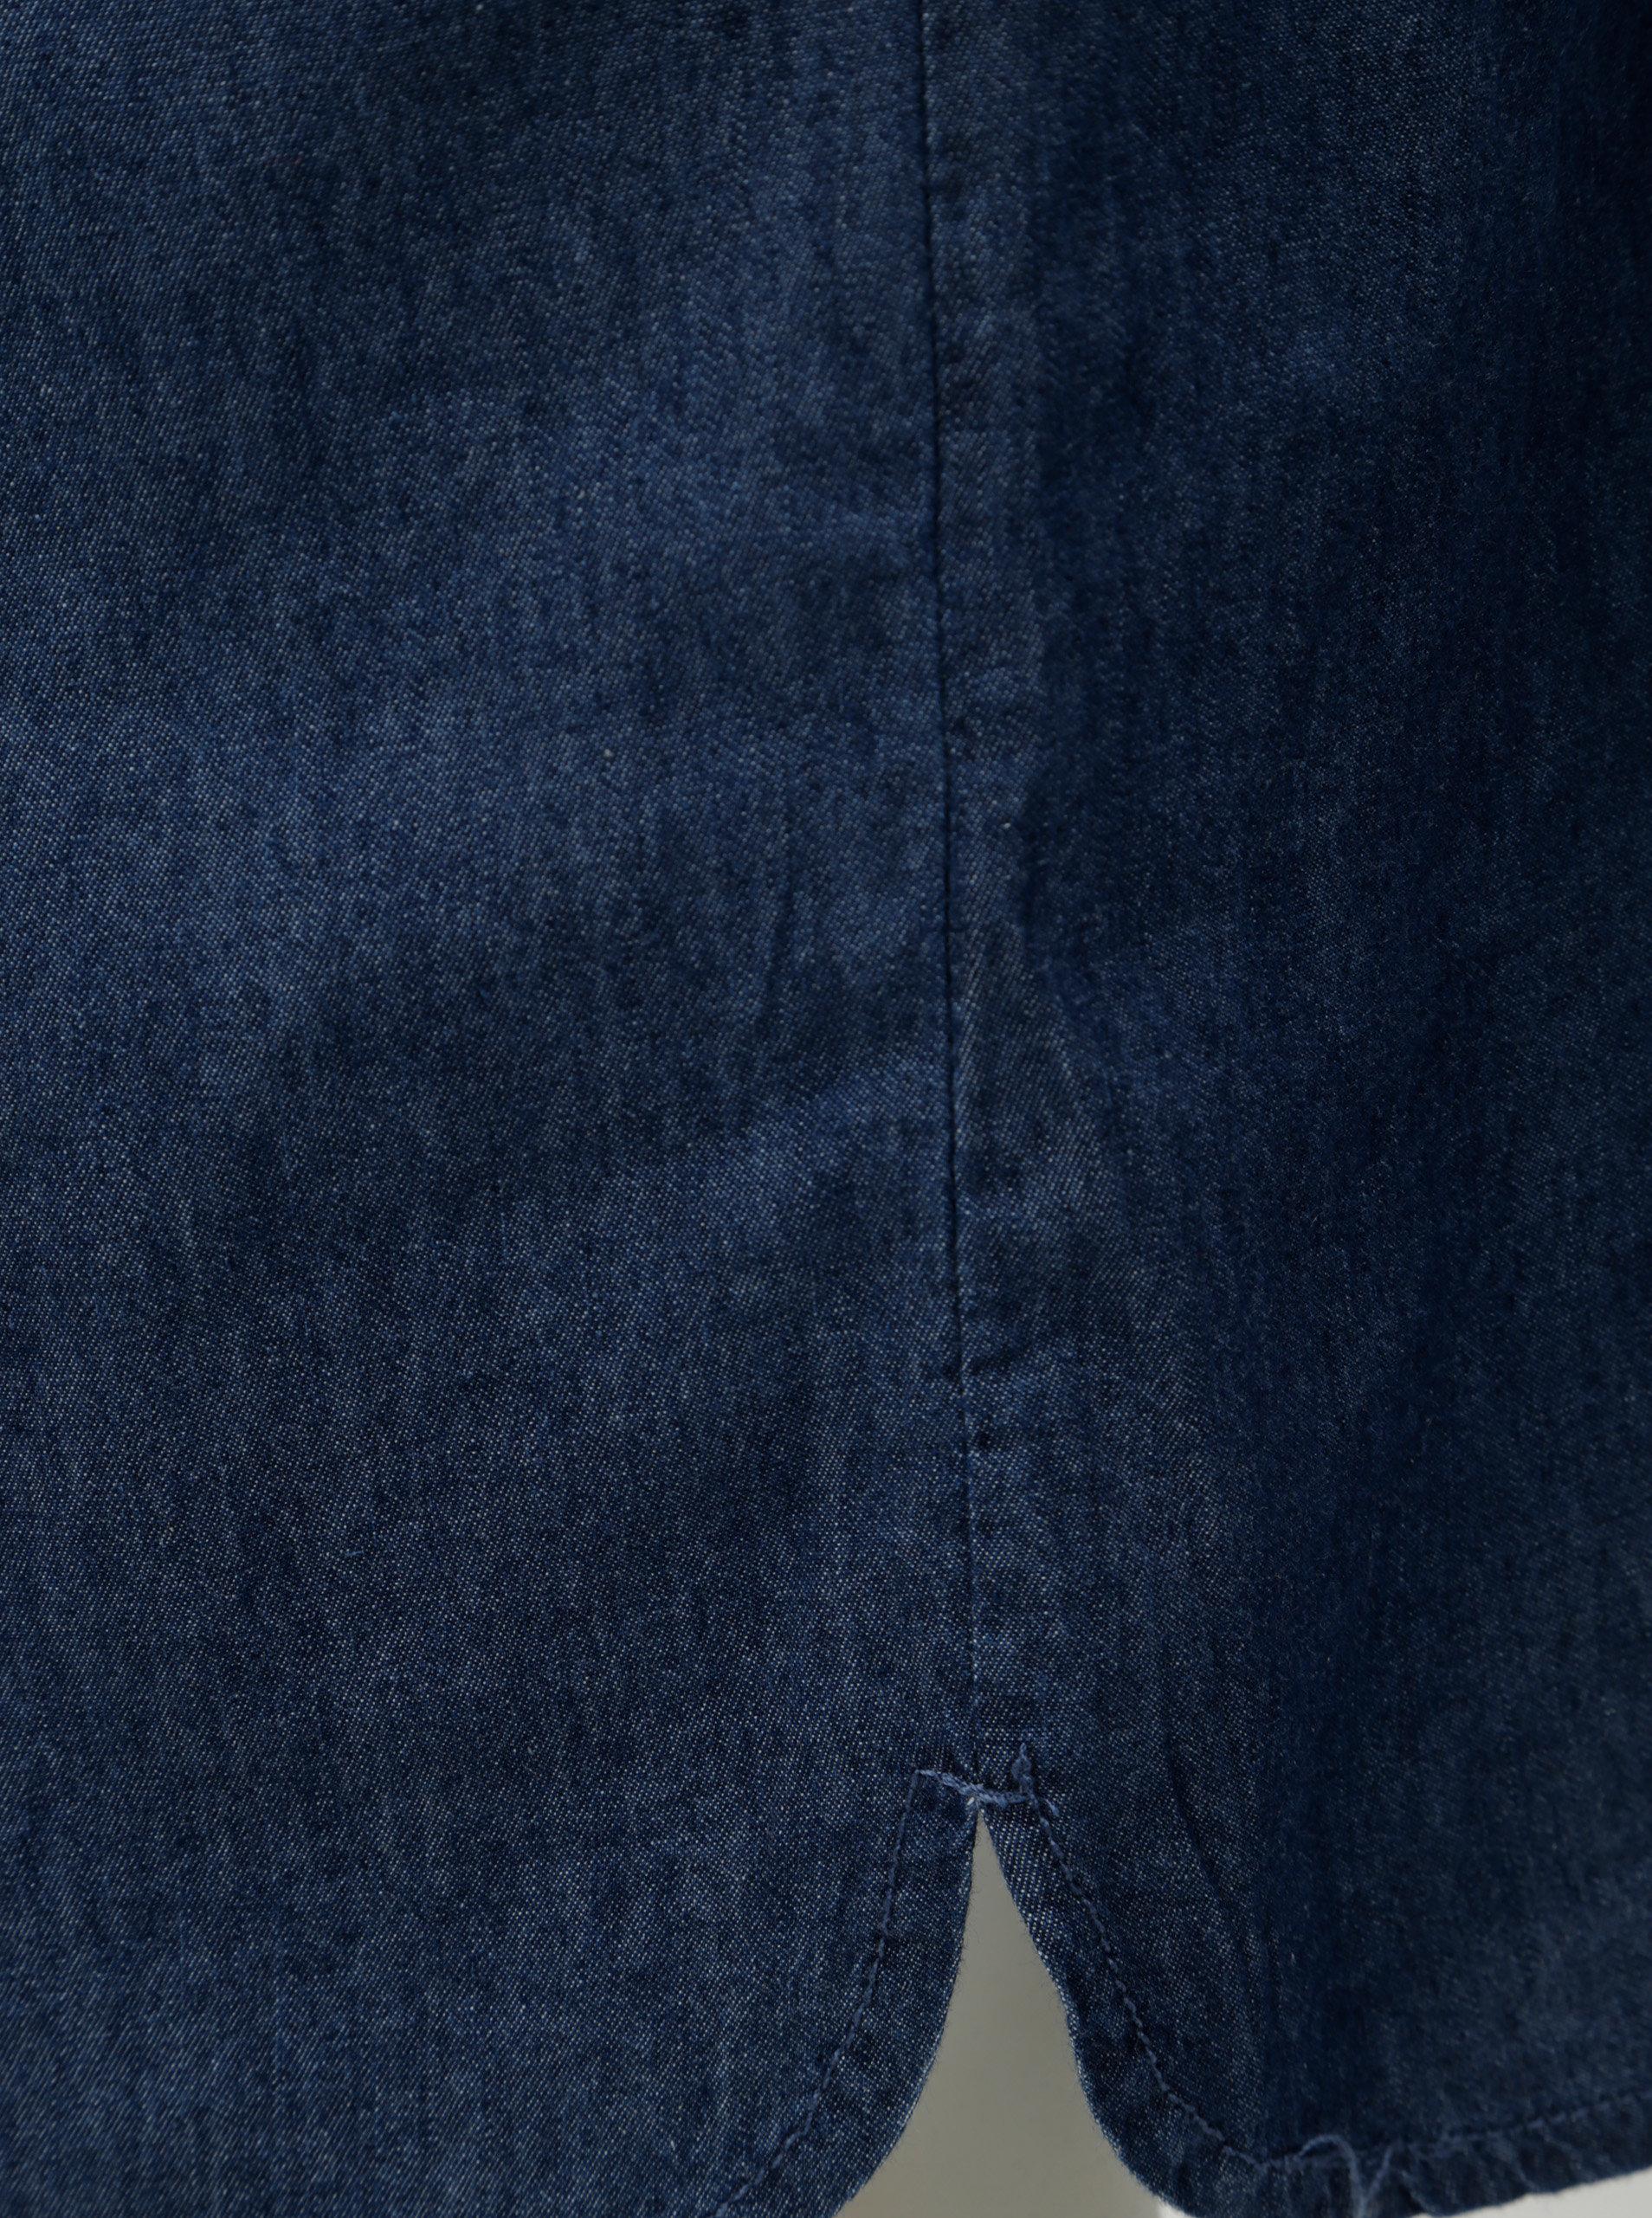 Tmavomodré rifľové šaty so zaväzovaním Ragwear Danila ... d8c3a85234f